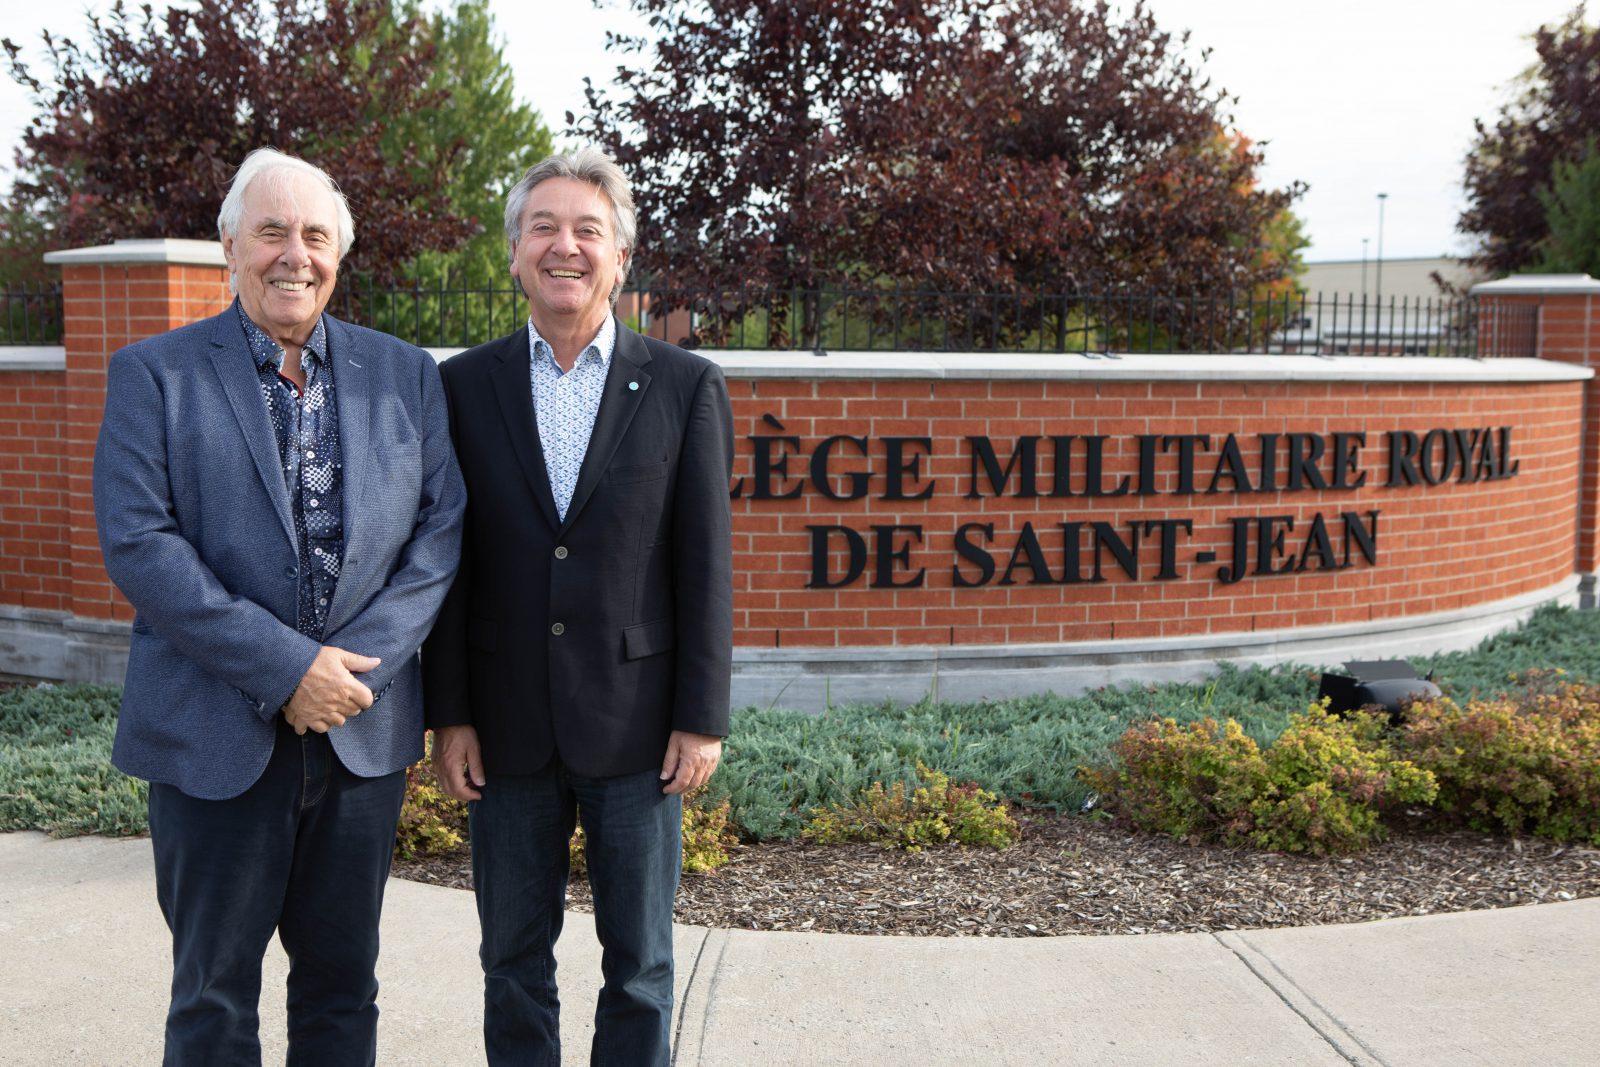 Le Collège international pour la paix dans la plateforme libérale